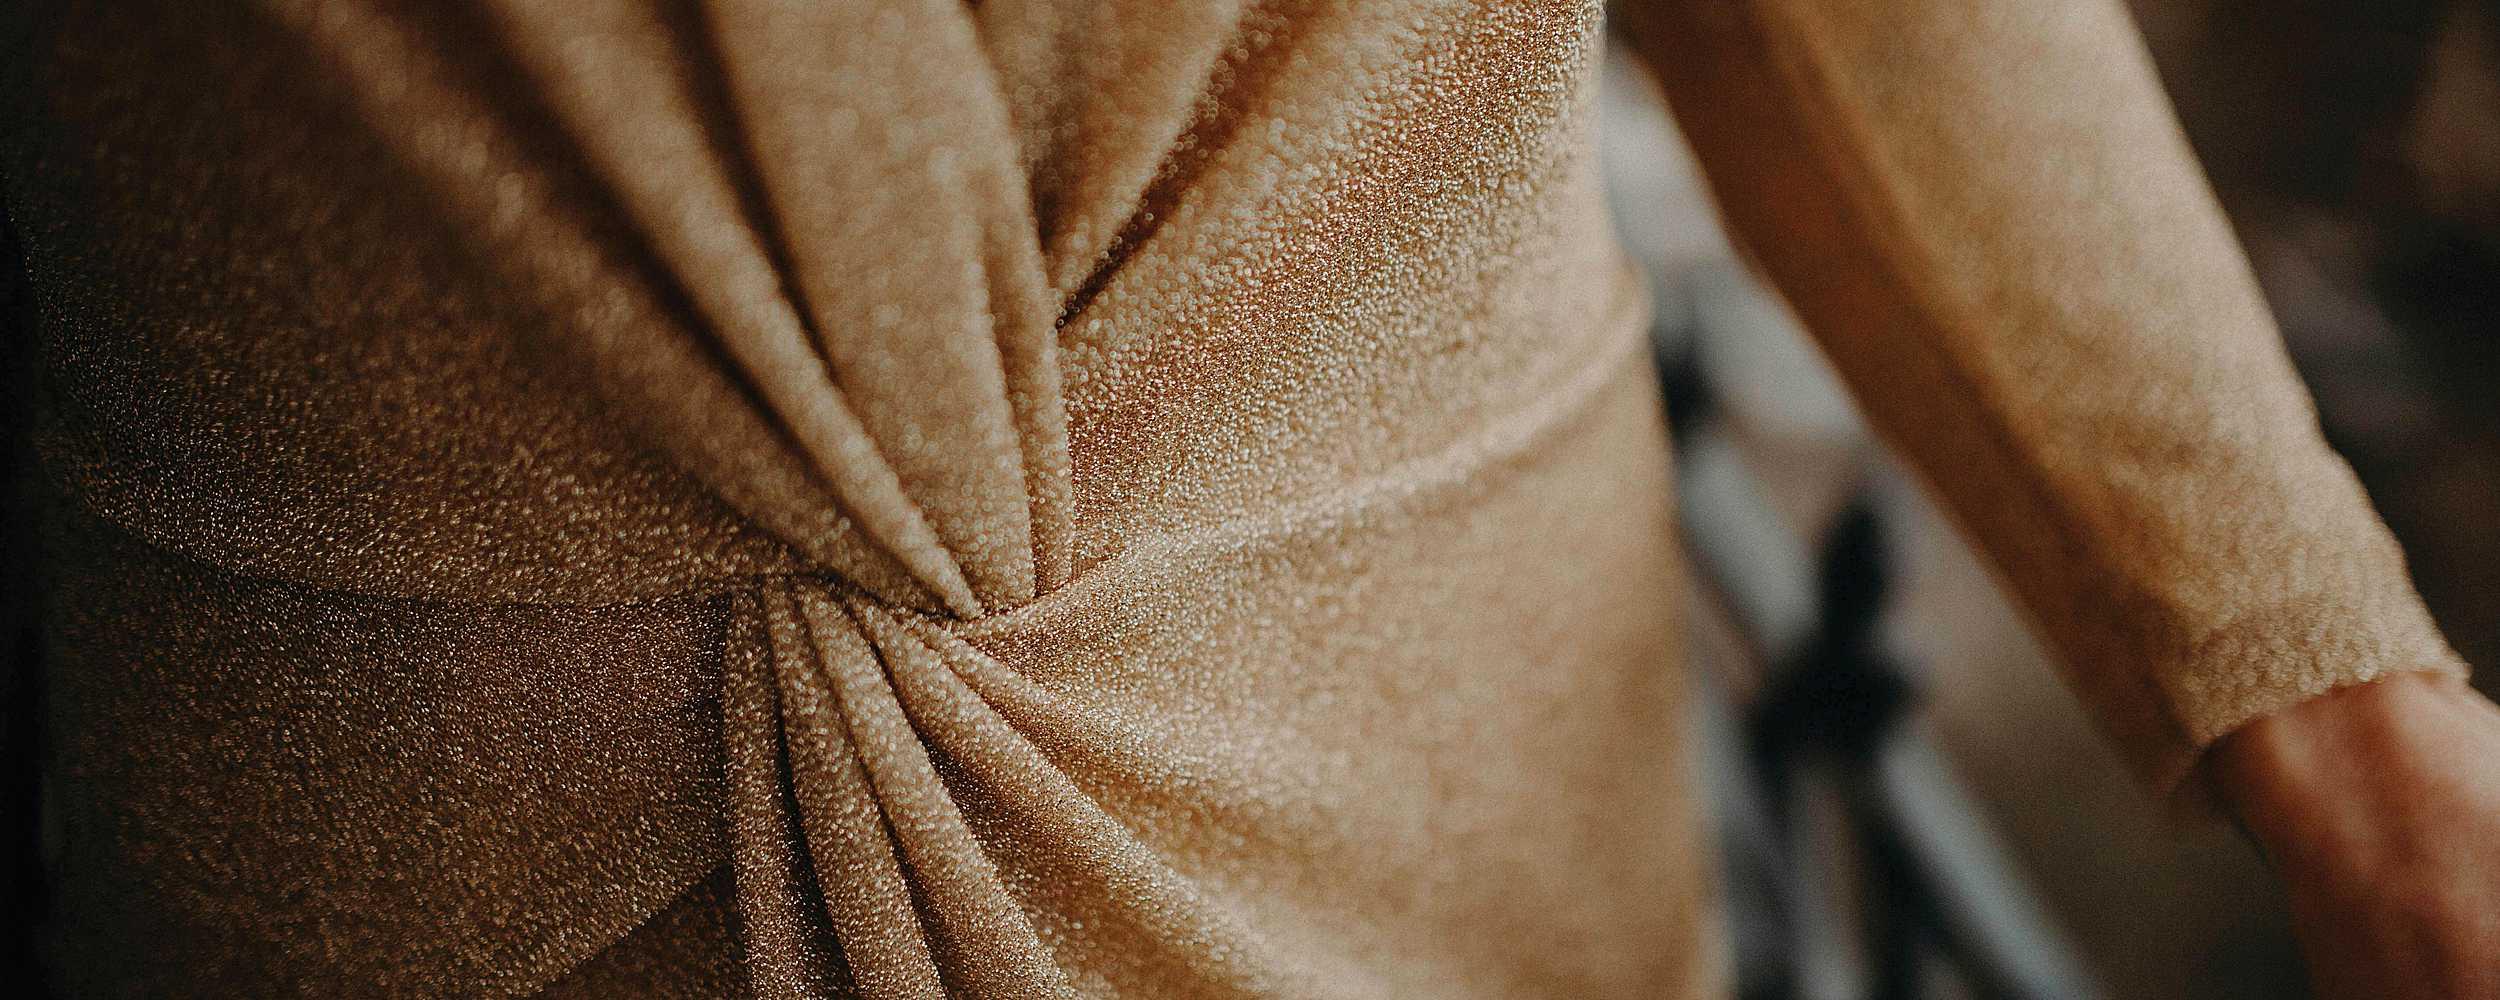 Robes de Noël par Gisèle & Simone, 05 Dec 20